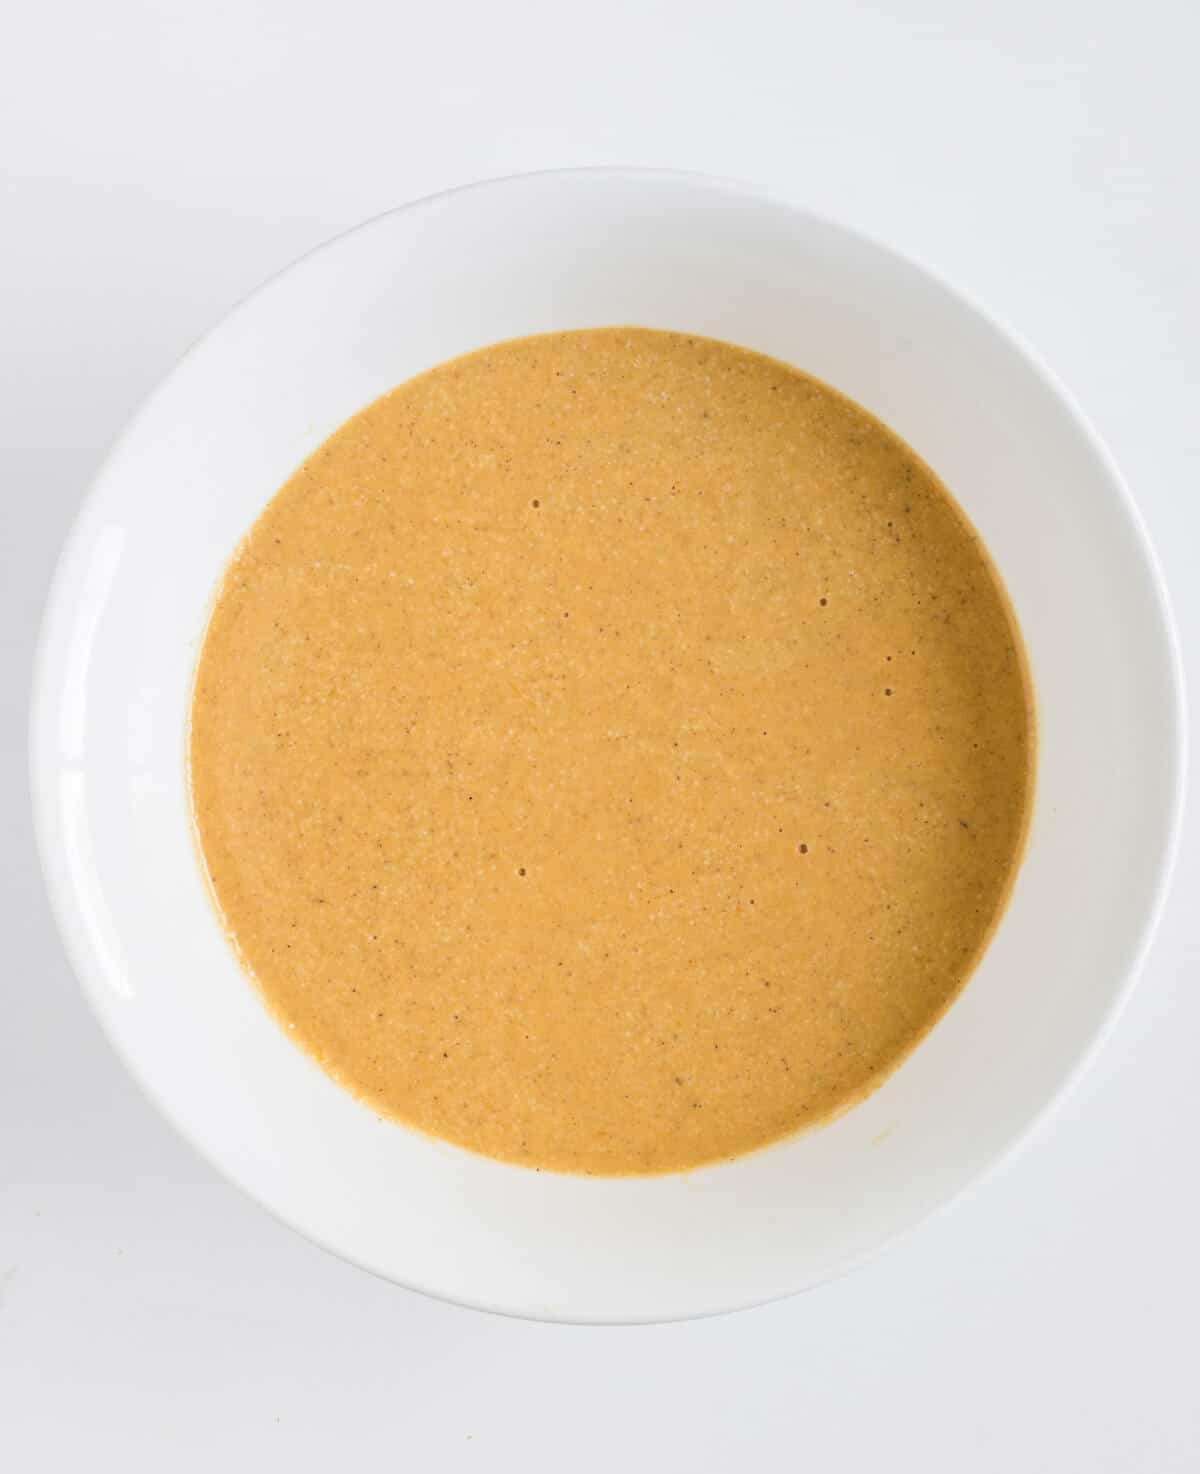 Pumpkin pancakes batter in a bowl